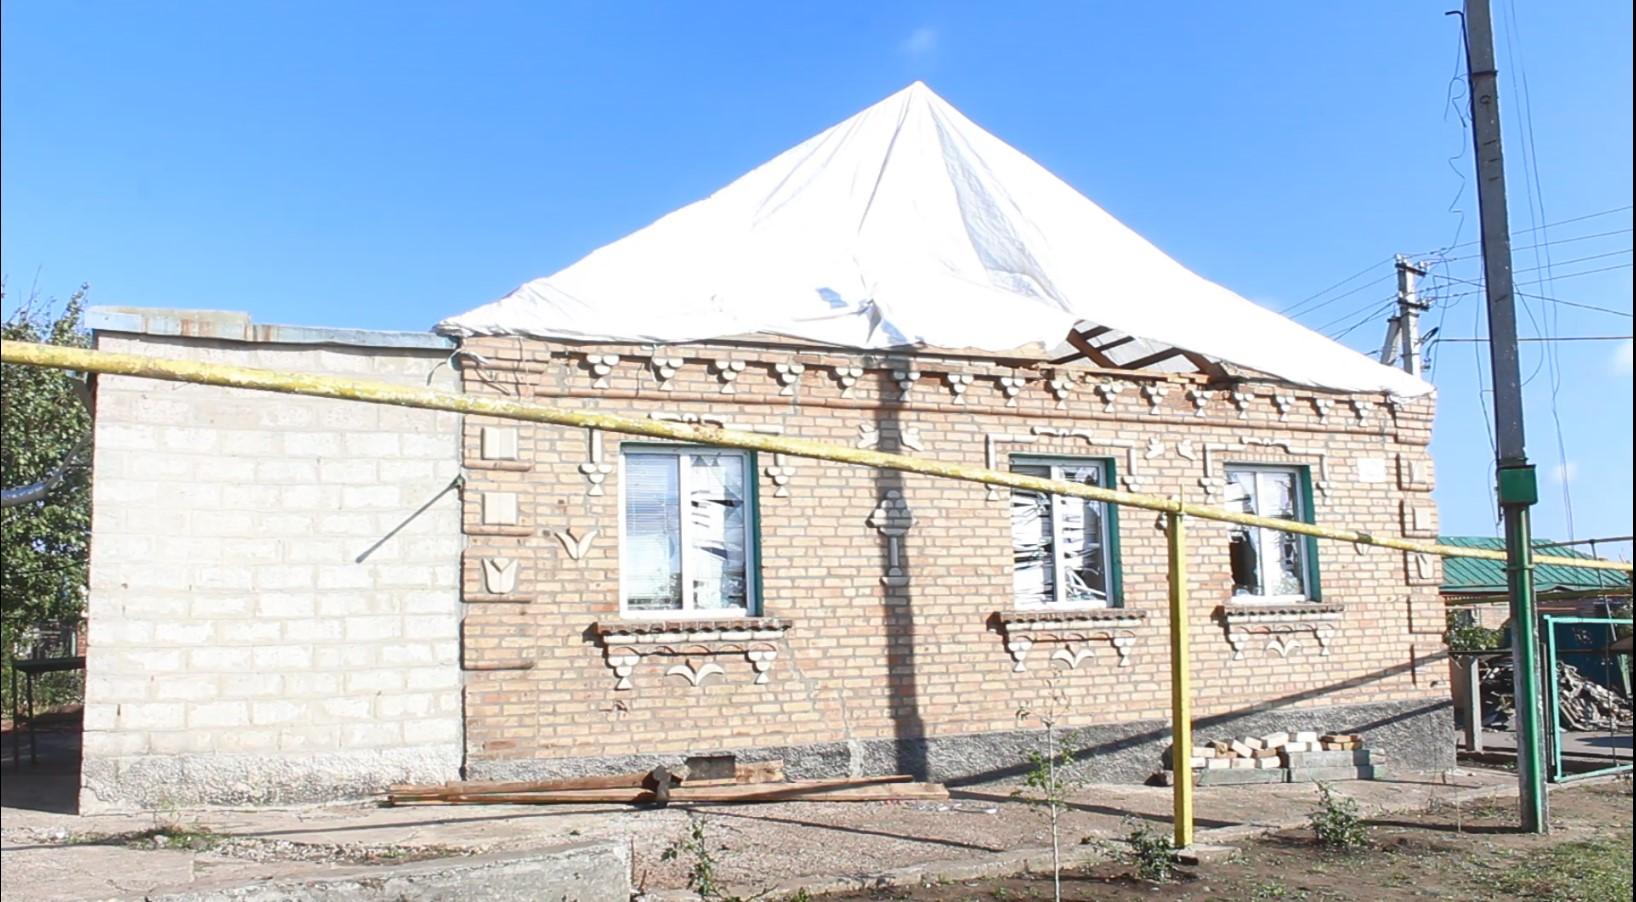 Житель Кропивницького потрапив у смерч, від удару потерпілий втратив свідомість (ФОТО)